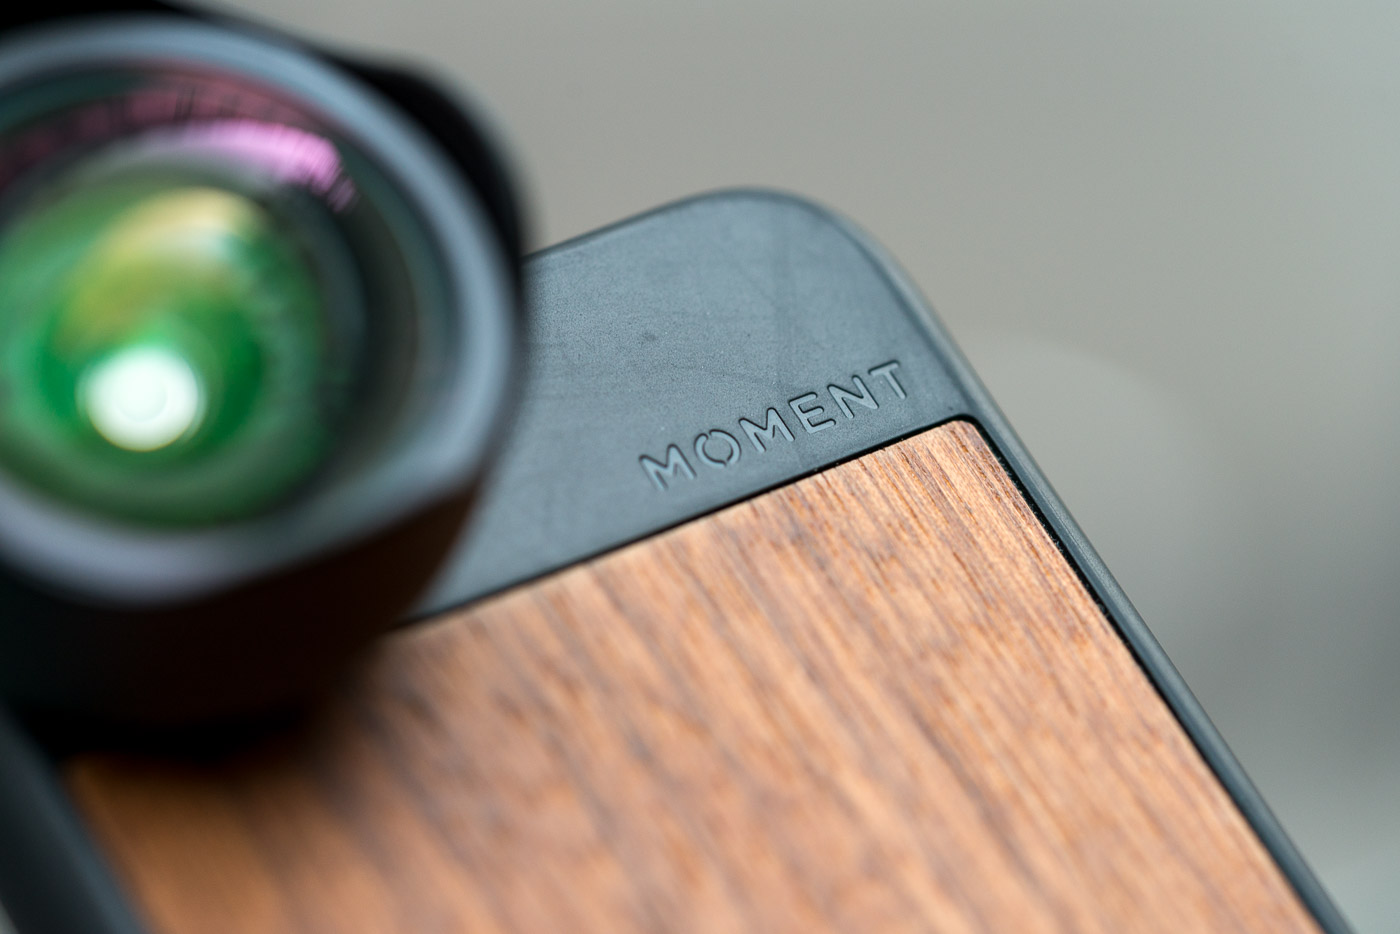 Si votre smartphone est votre seul appareil photo et que vous souhaitez  investir un minimum, les objectifs Moment sont la solution idéale pour  conserver la ... f7a0f3f29410